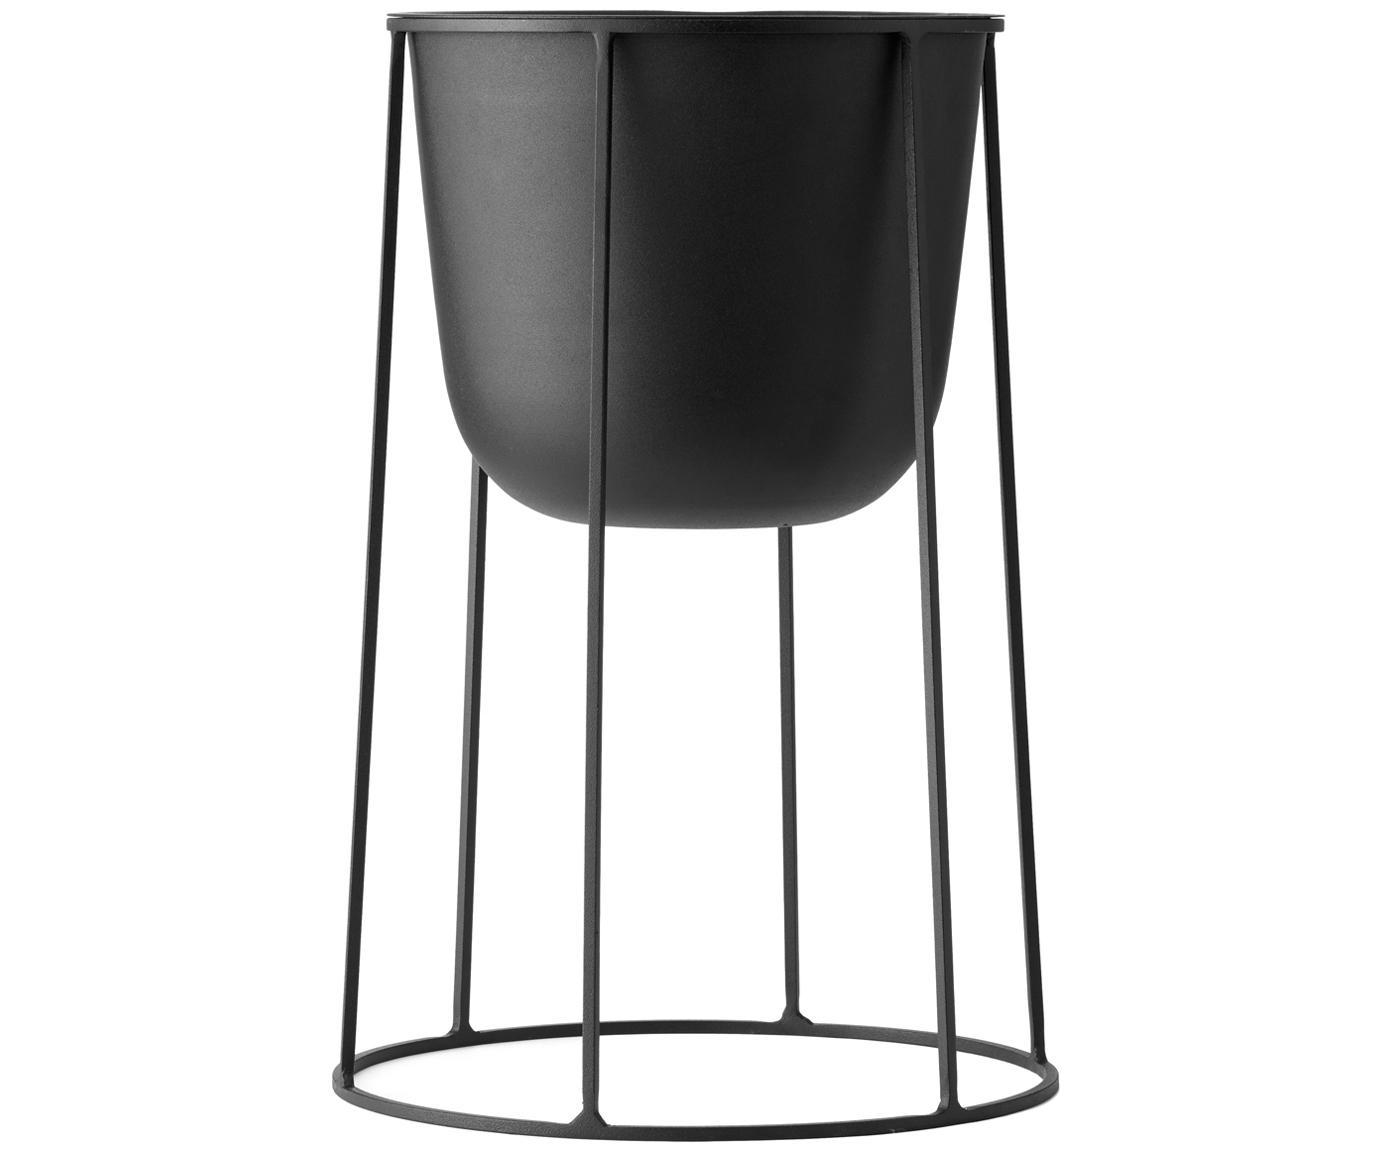 Stojak na doniczkę Wire Base, Stal malowana proszkowo, Czarny, Ø 23 x W 60 cm